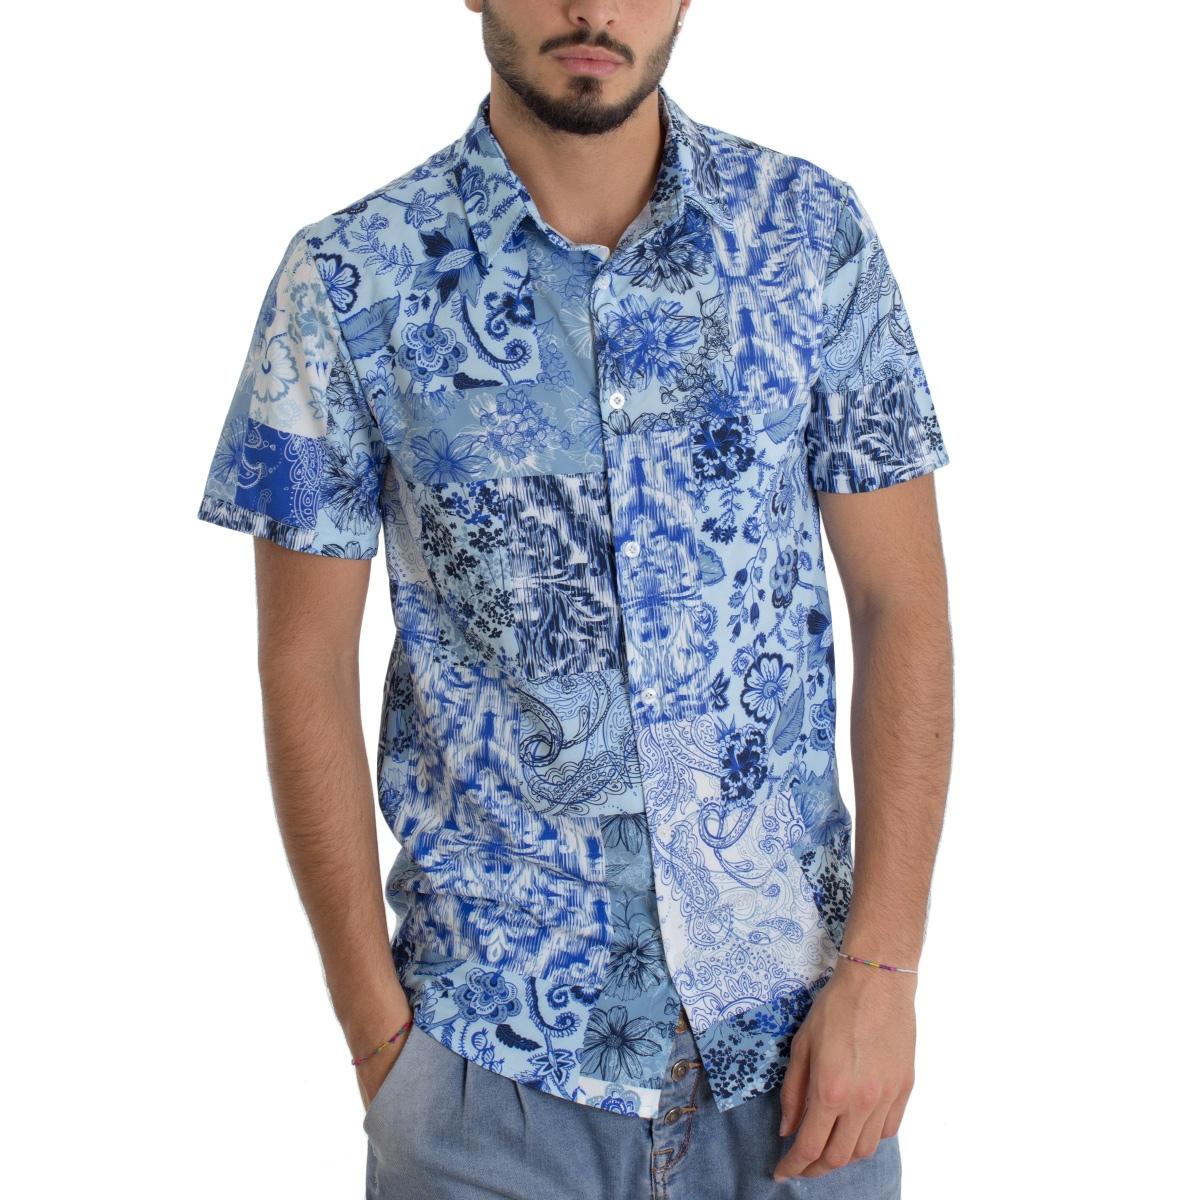 Presuntuoso marchio Poesia  Camicia Uomo Manica Corta Colletto Fantasia Floreale Azzurra Casual GIOSAL